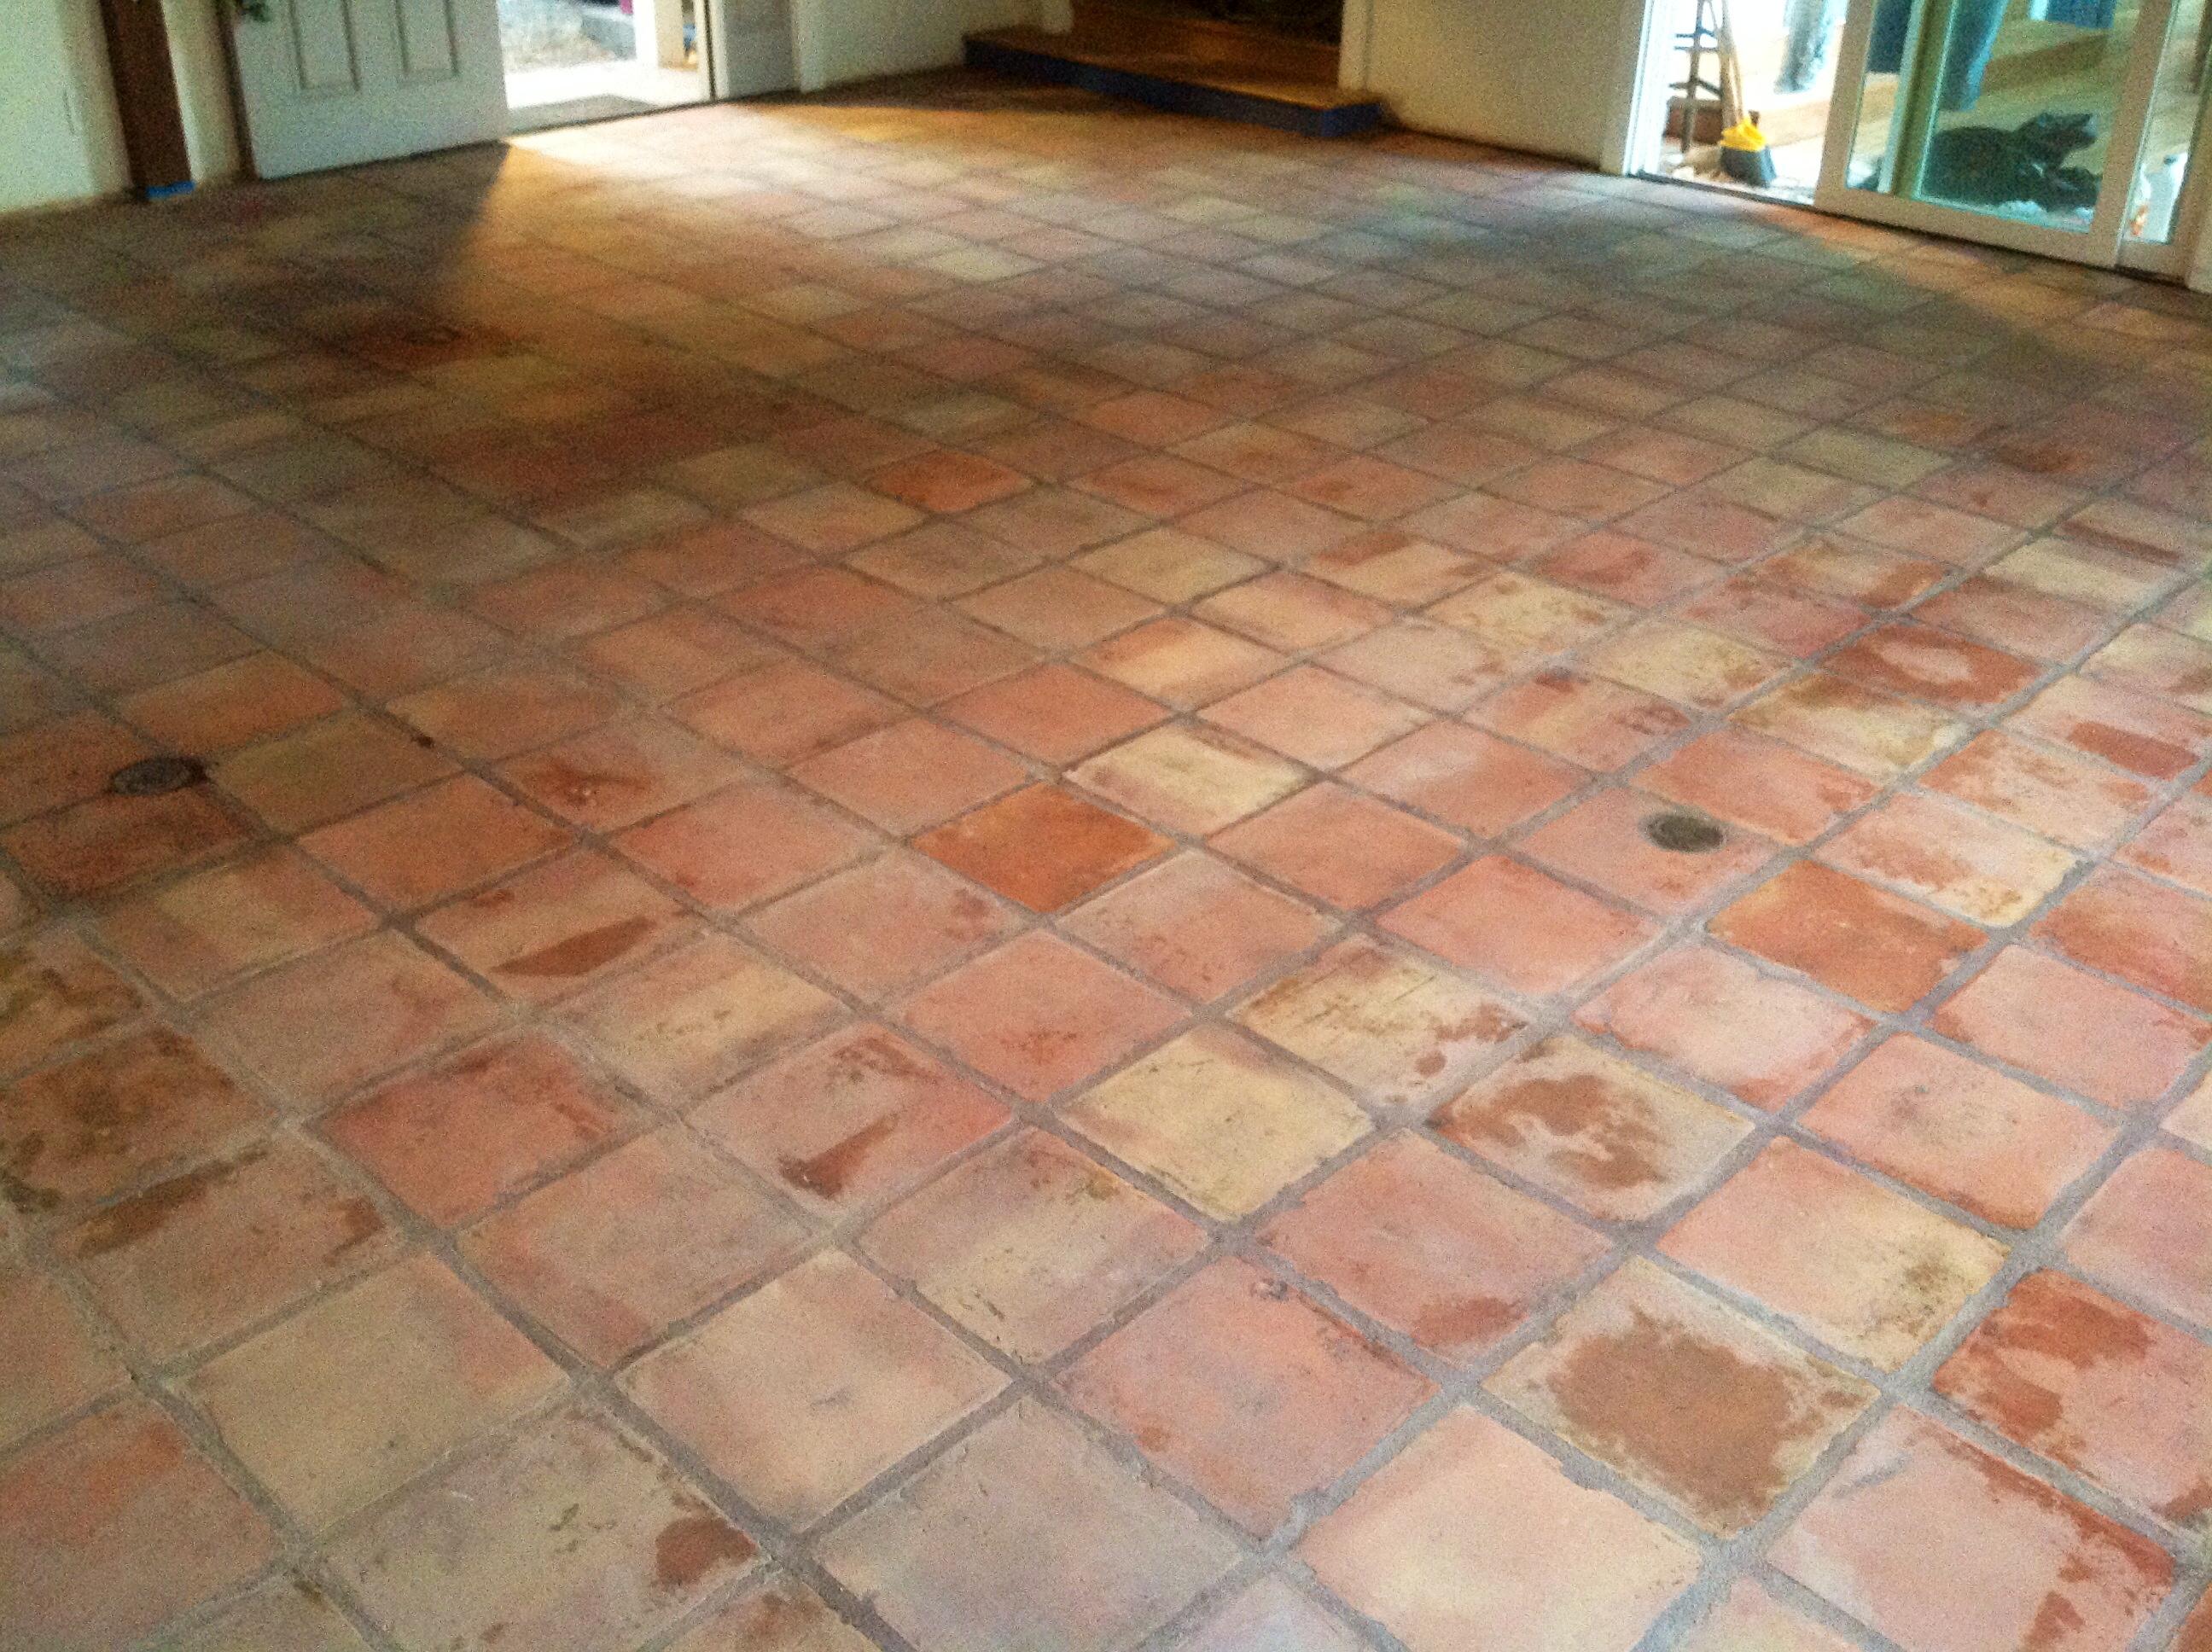 saltillo mexican tiles stripped